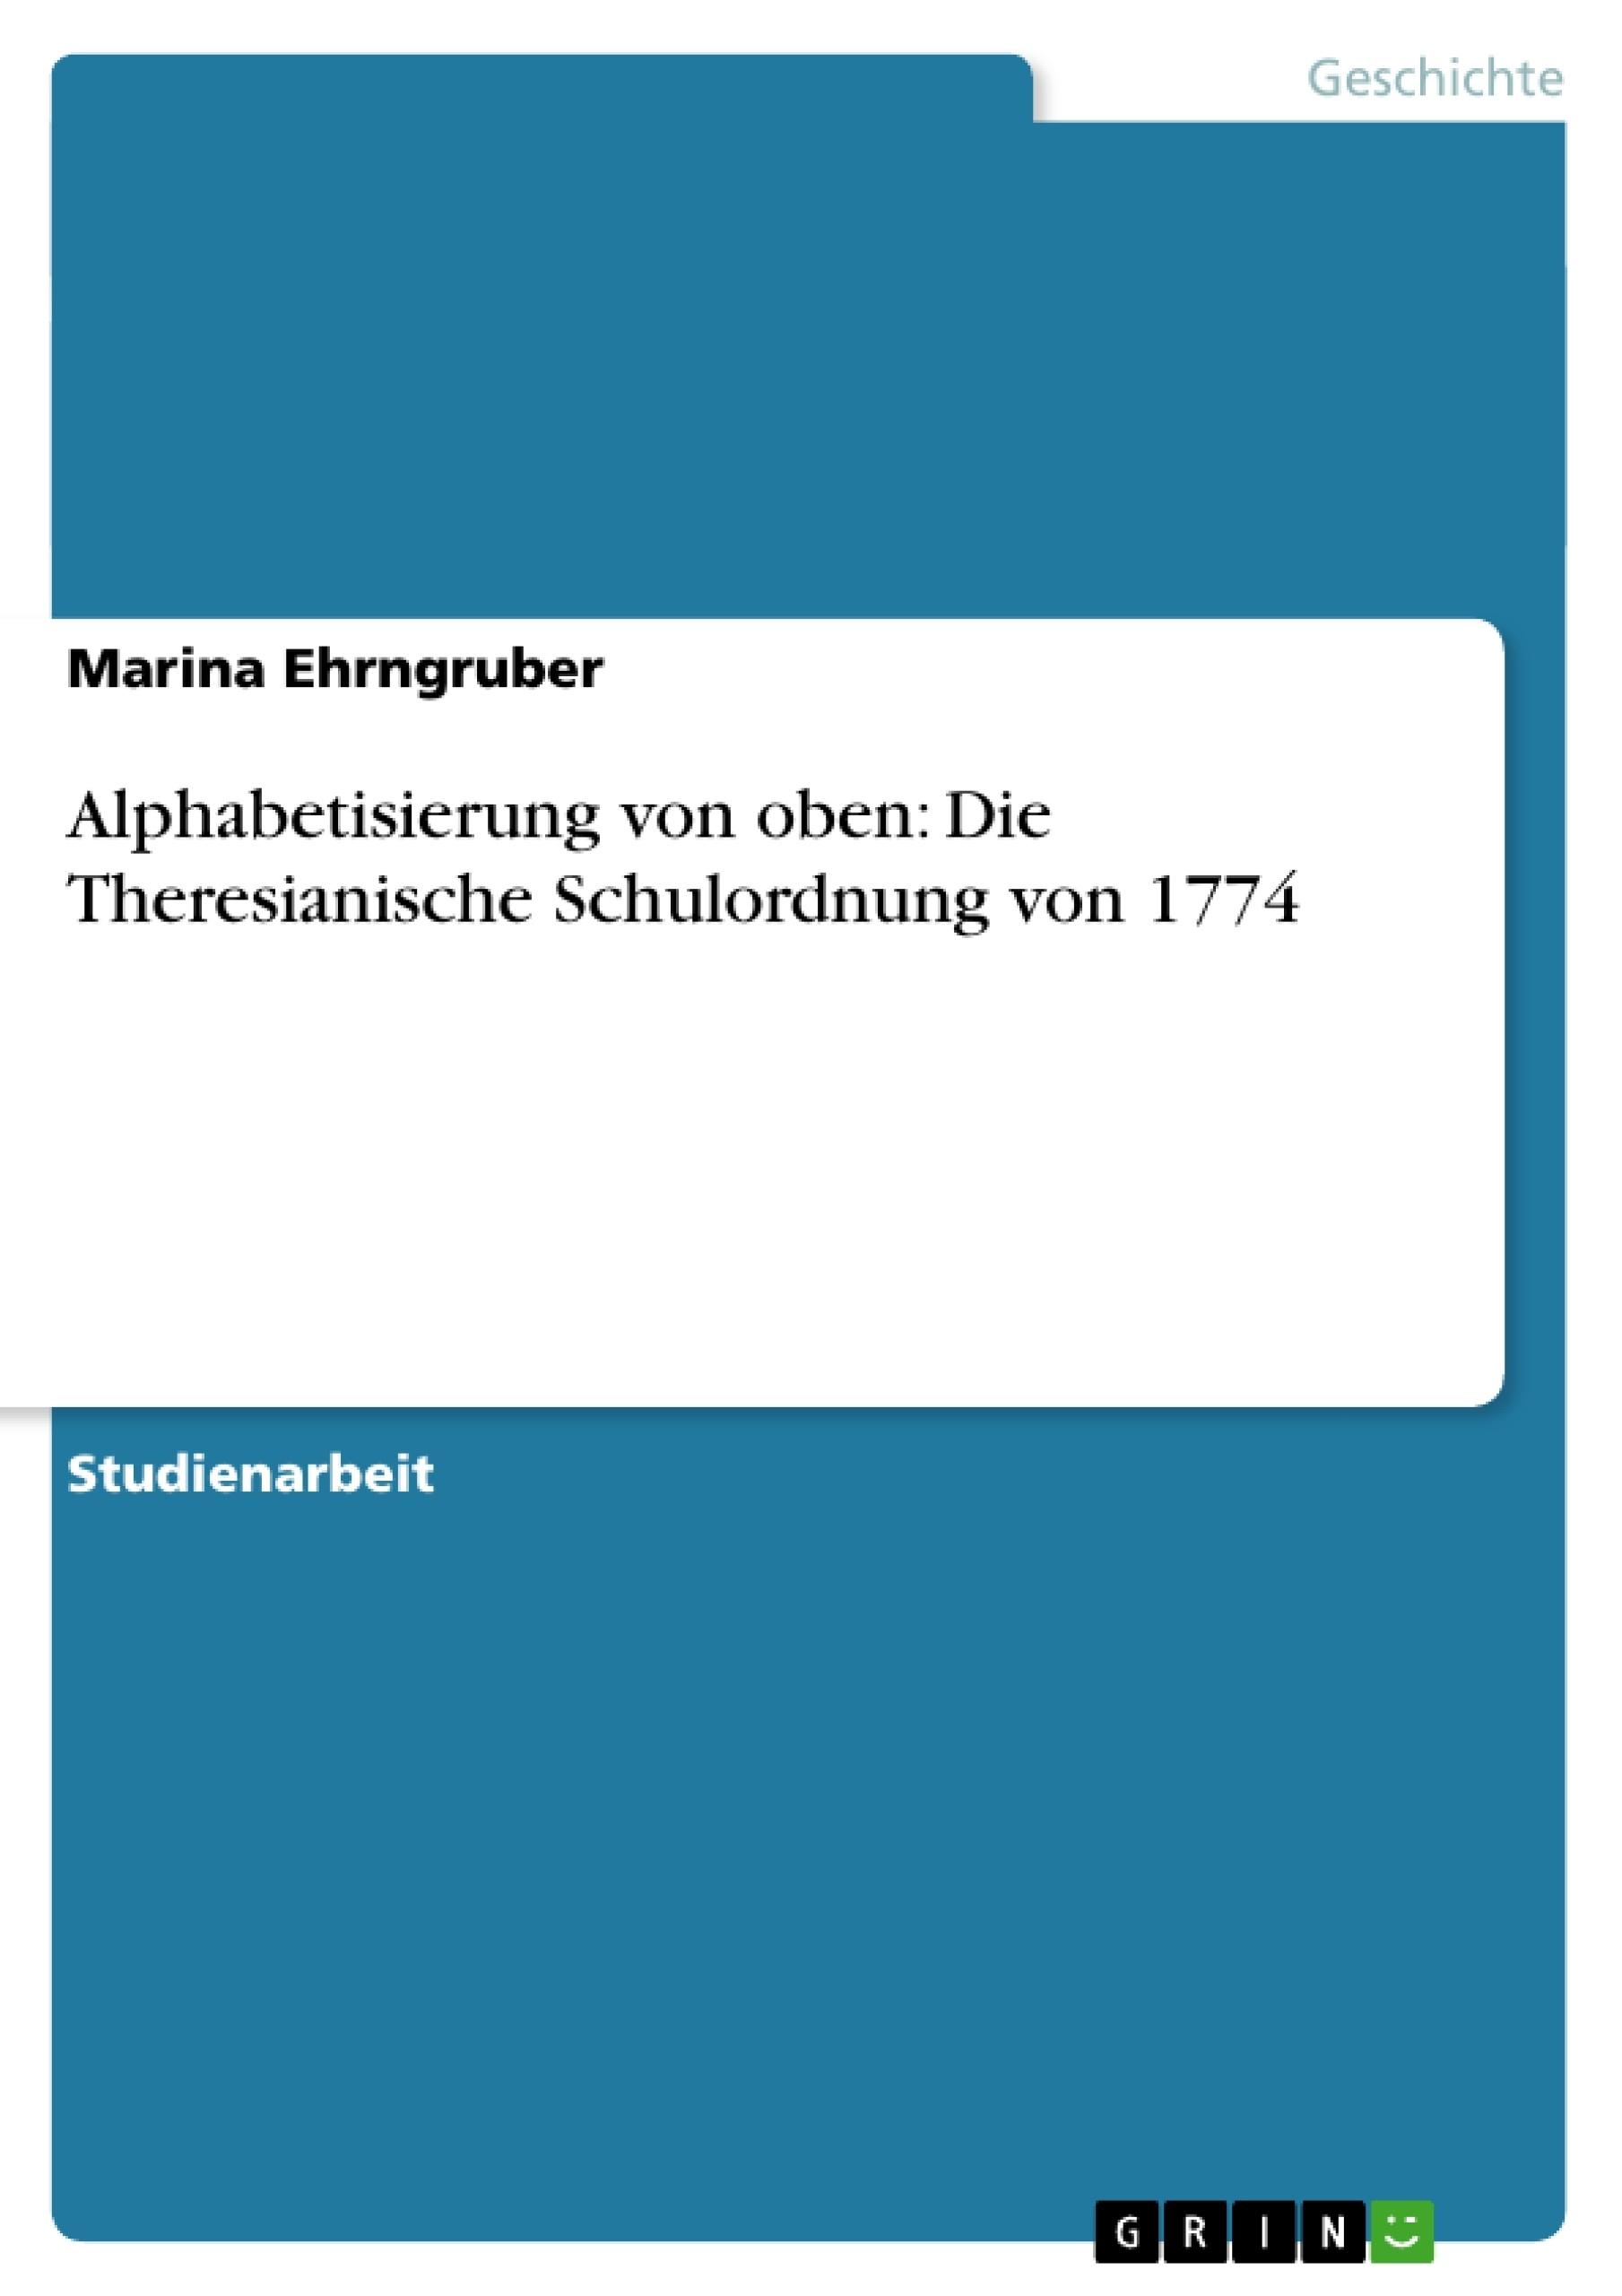 Titel: Alphabetisierung von oben: Die Theresianische Schulordnung von 1774